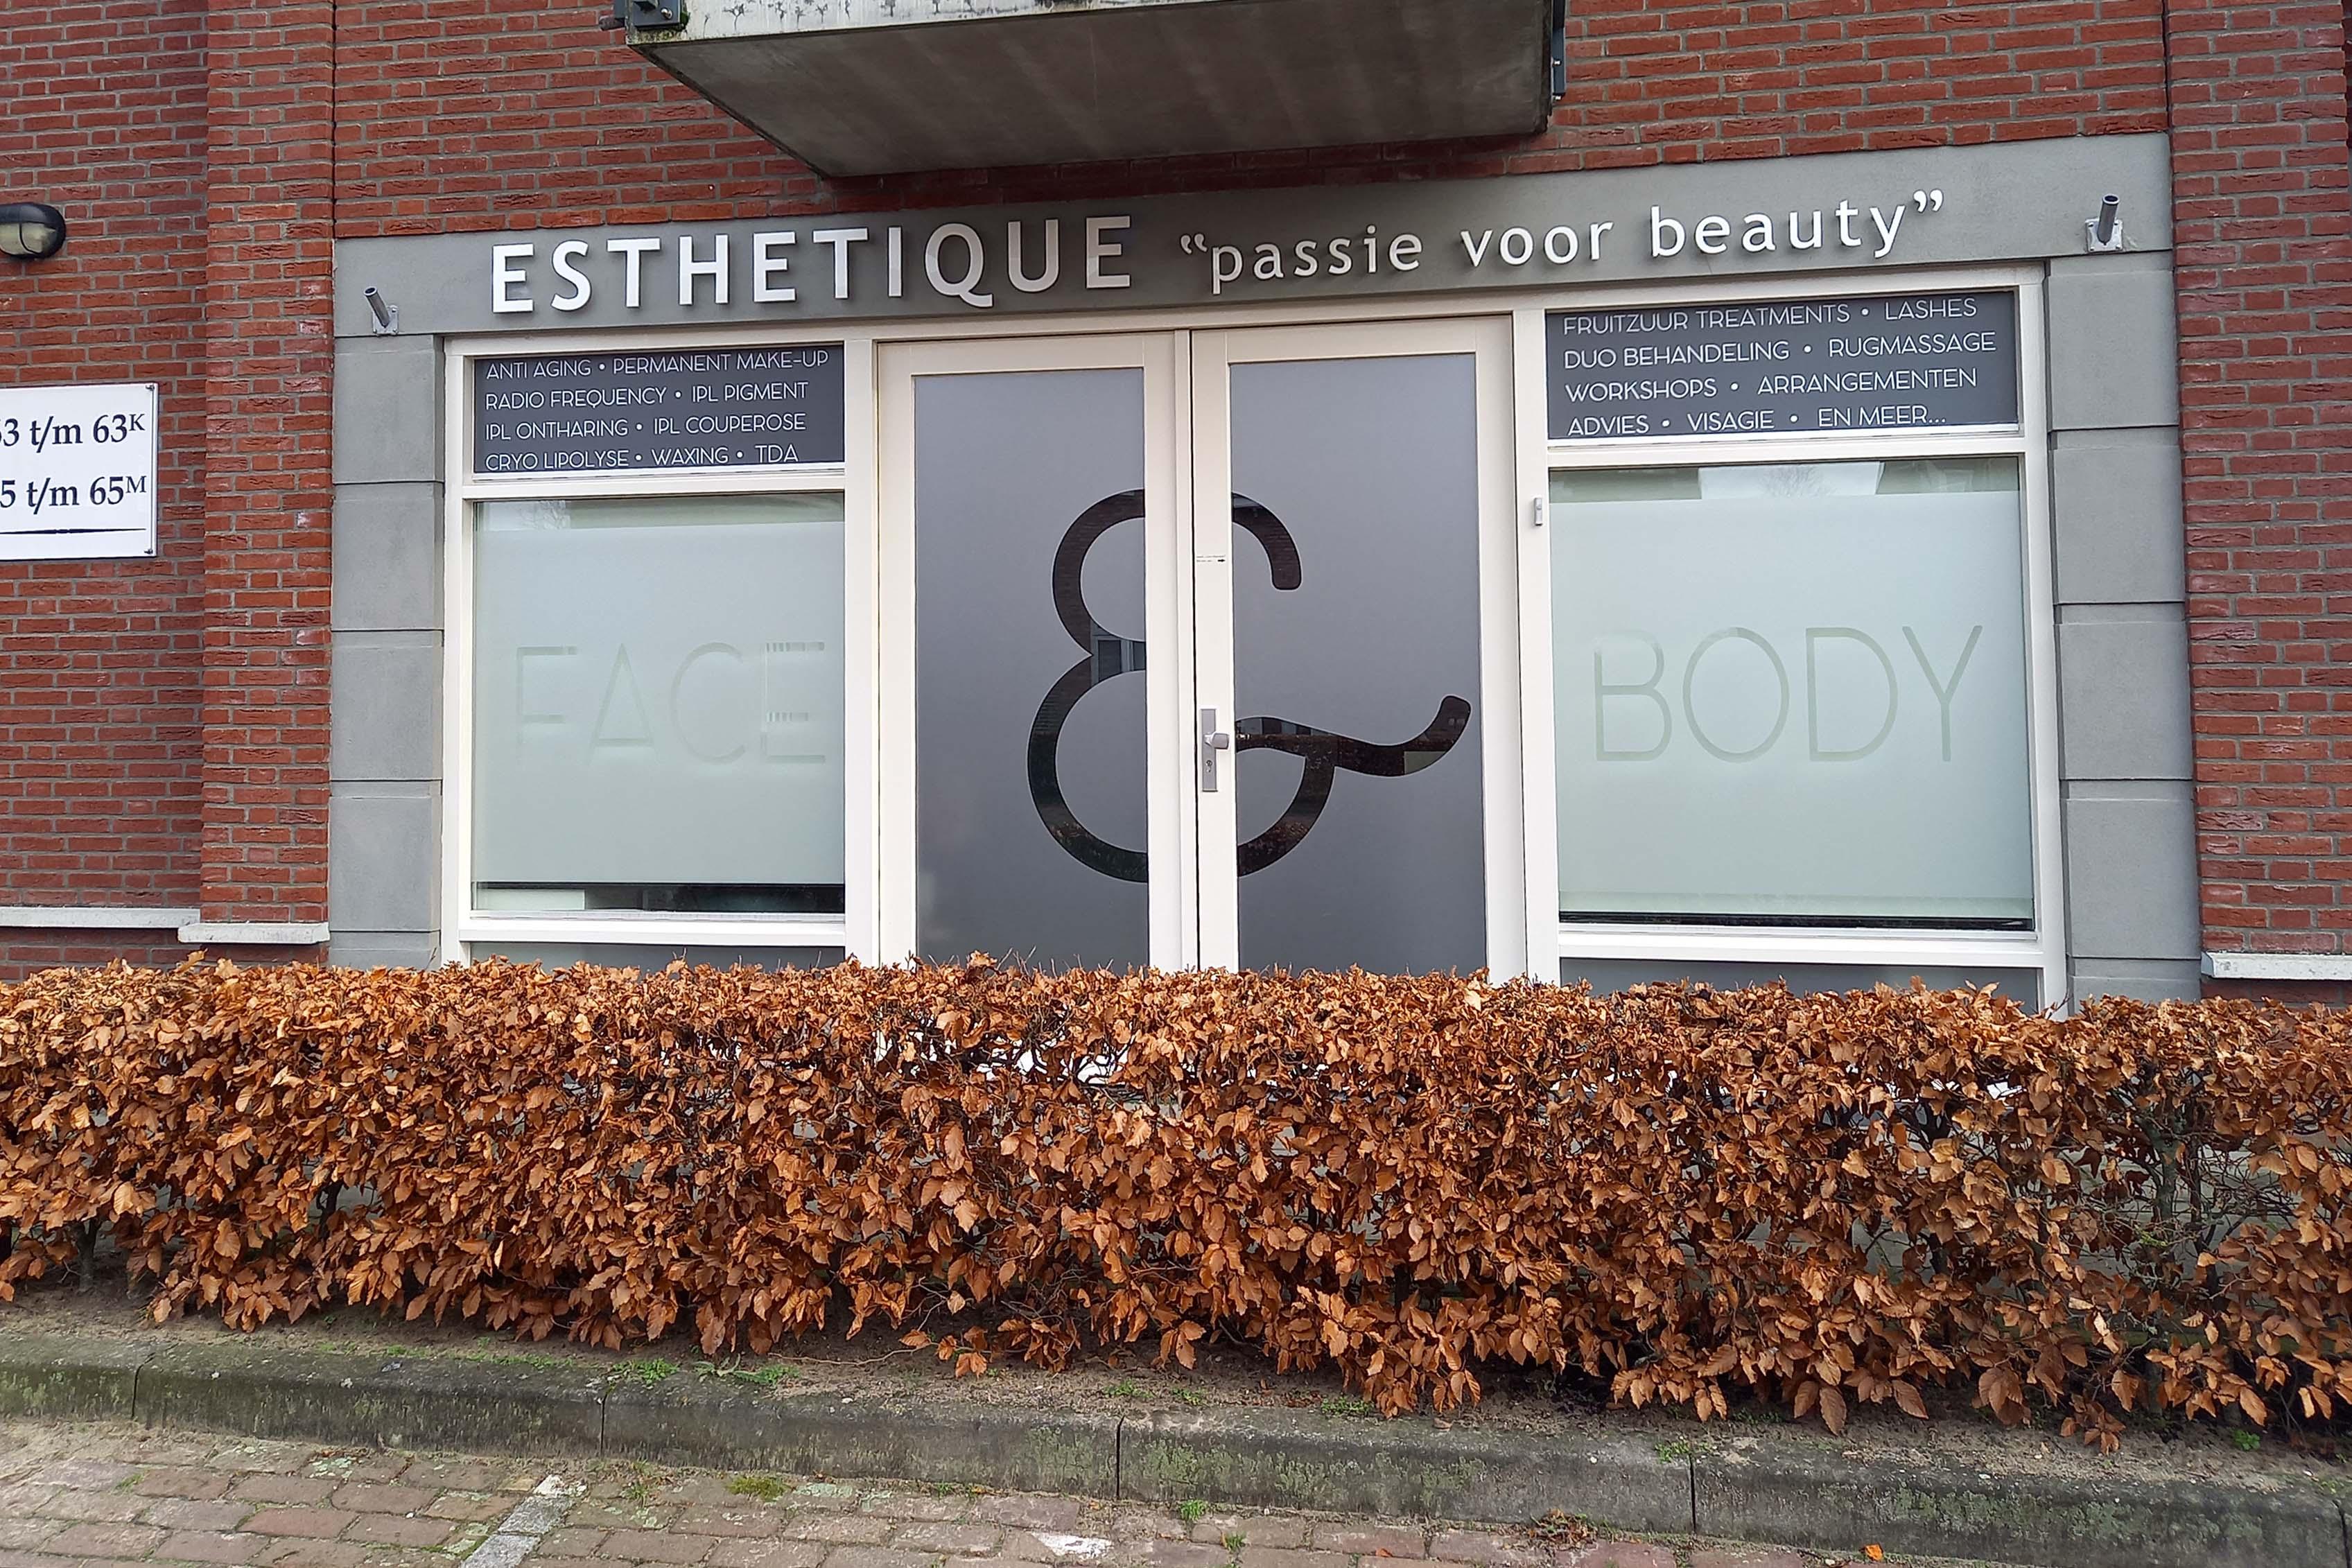 Esthetique Face & Body